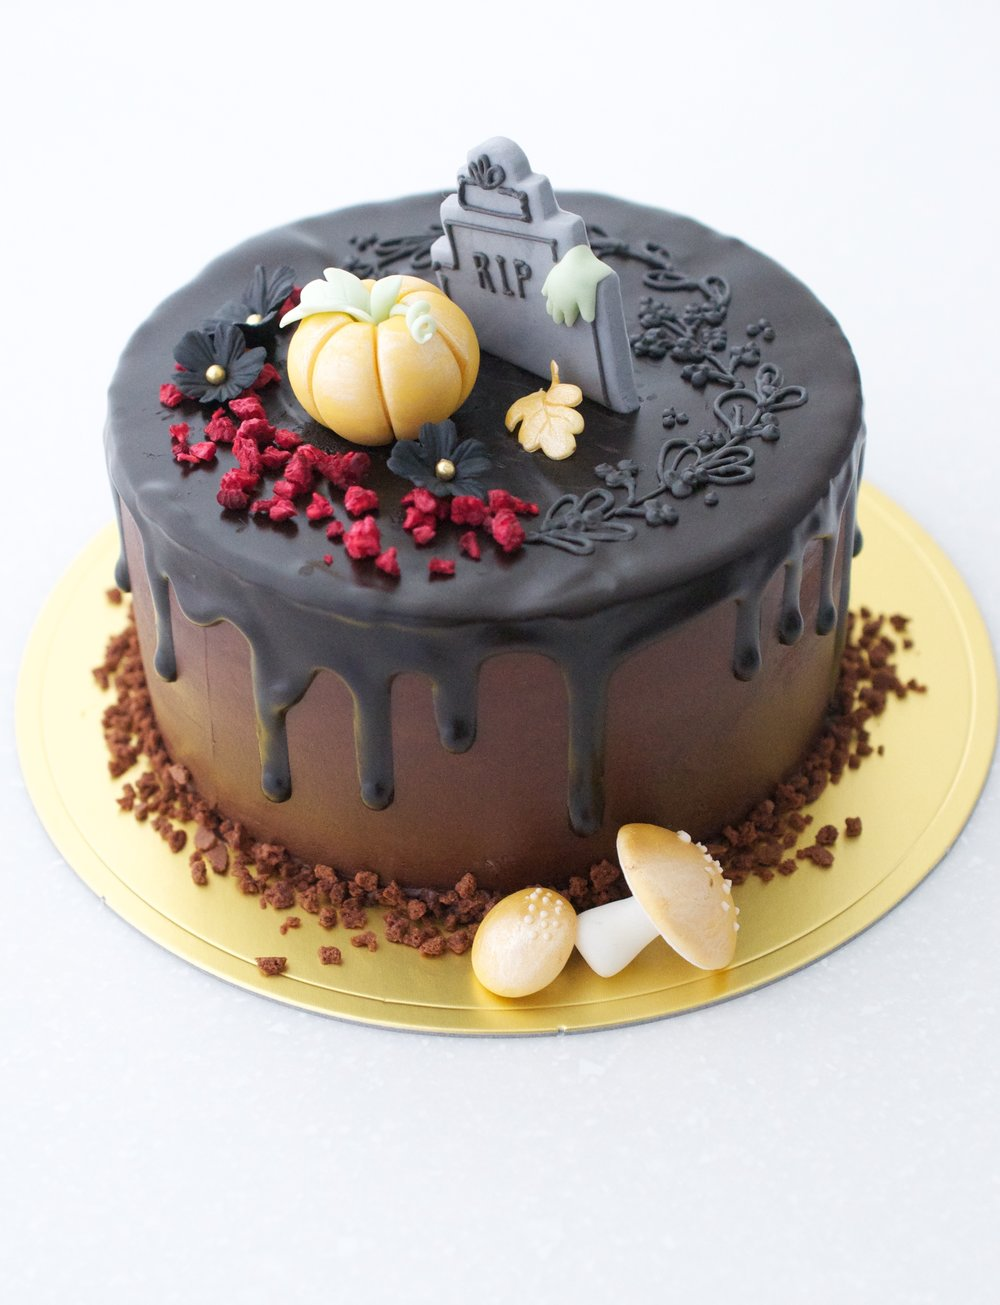 """2016デザイン   """"HALLOWEEN CAKE""""   チョコレートケーキ・デコレーション イベントクラス   レベル:★☆☆"""